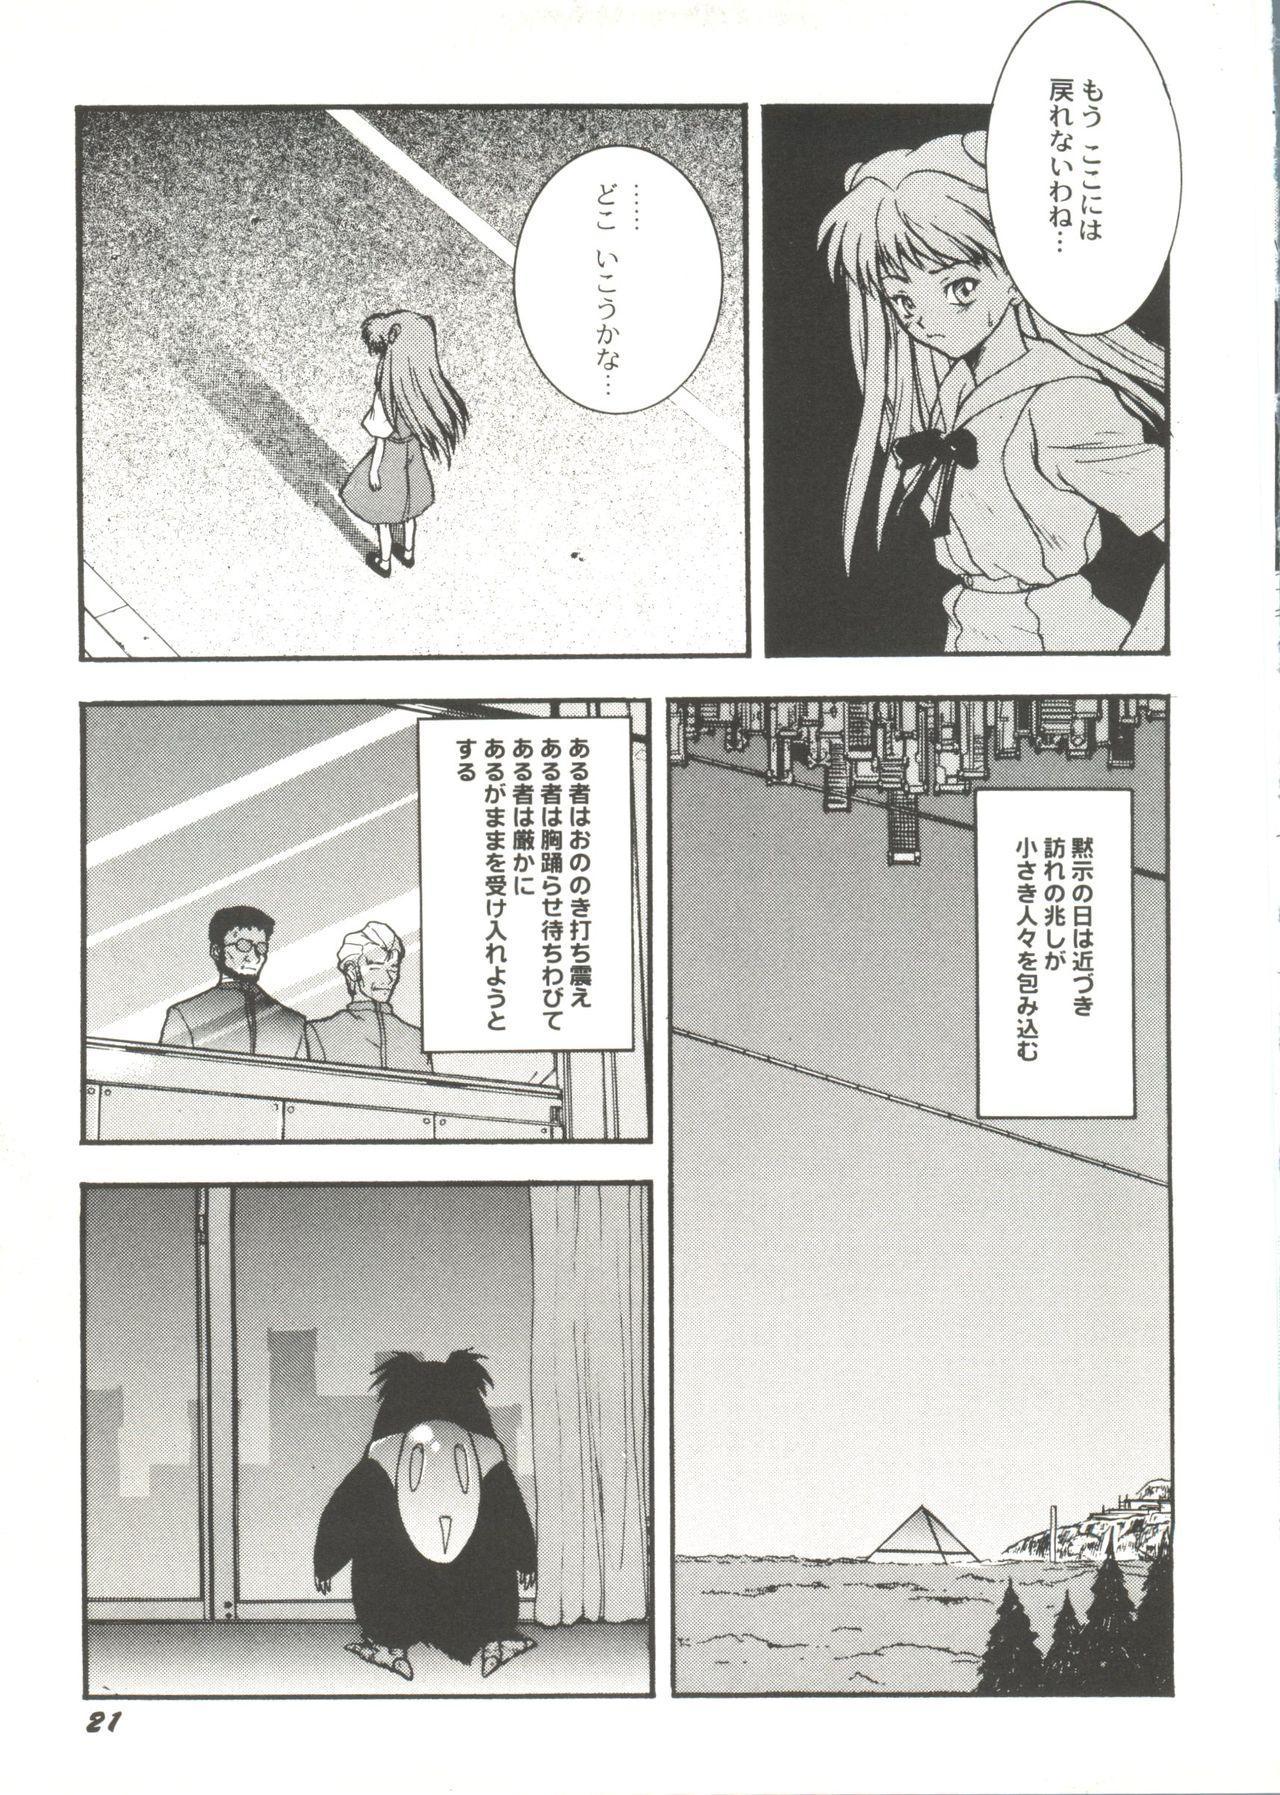 Doujin Anthology Bishoujo a La Carte 1 22